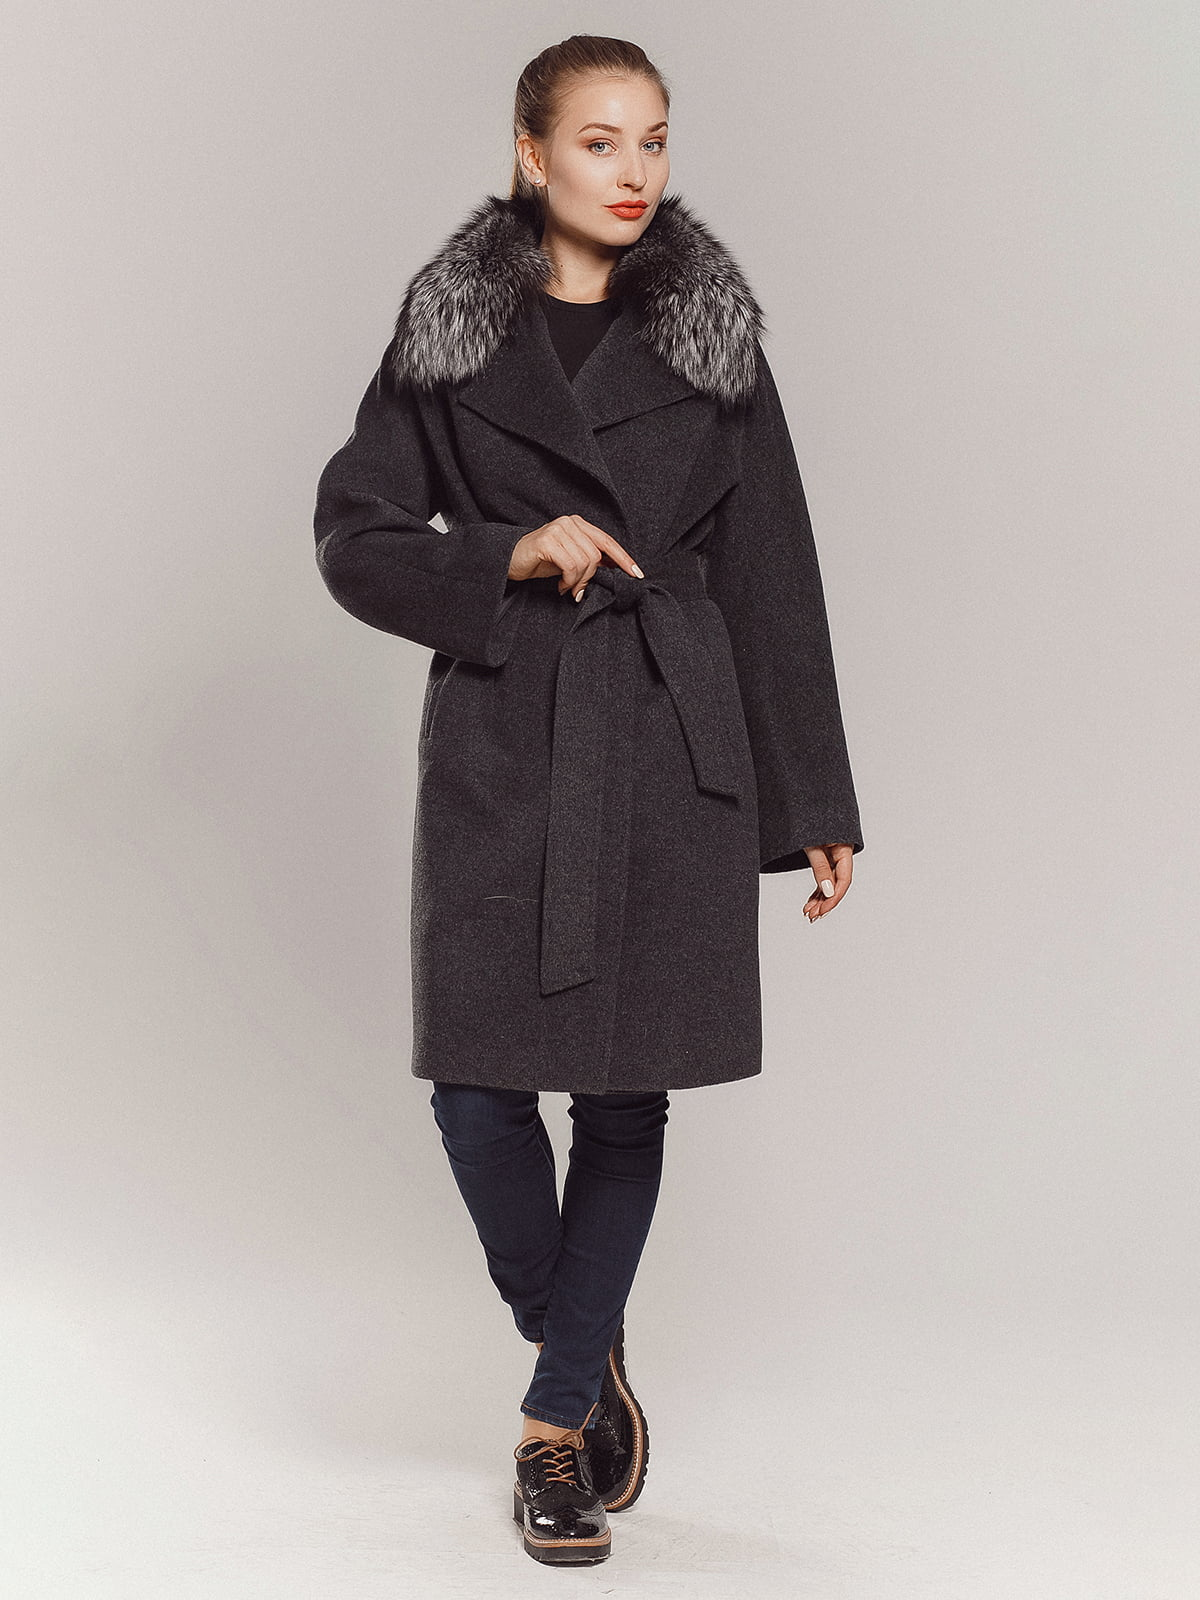 Пальто сіре | 4739366 | фото 6